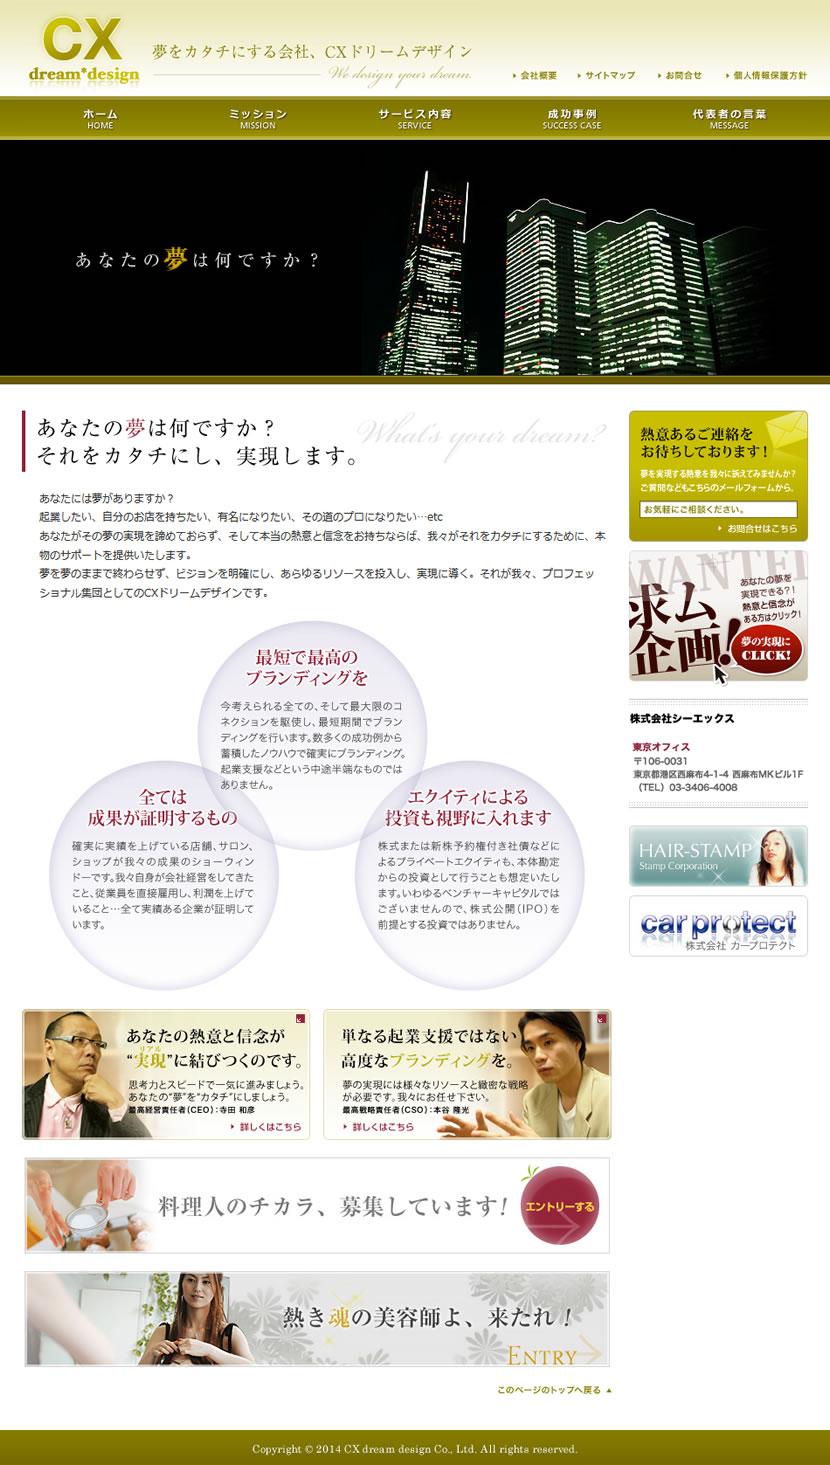 CXドリームデザイン 株式会社シーエックス